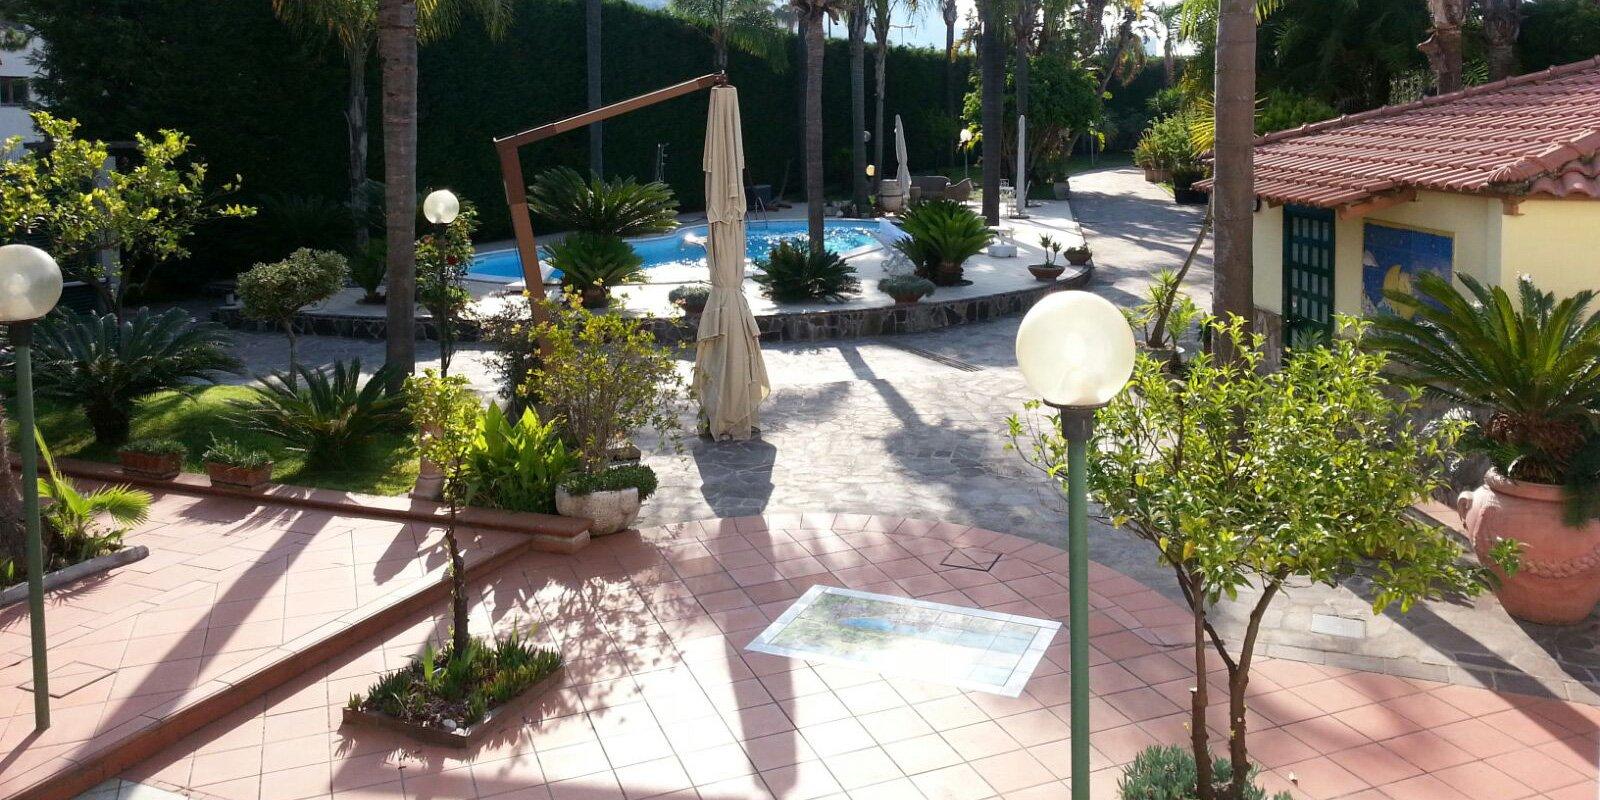 Cortile della villa, vista di piscina, palme piccole e grandi. Ombrellone da giardino con asta in legno pieghevole e lampioni